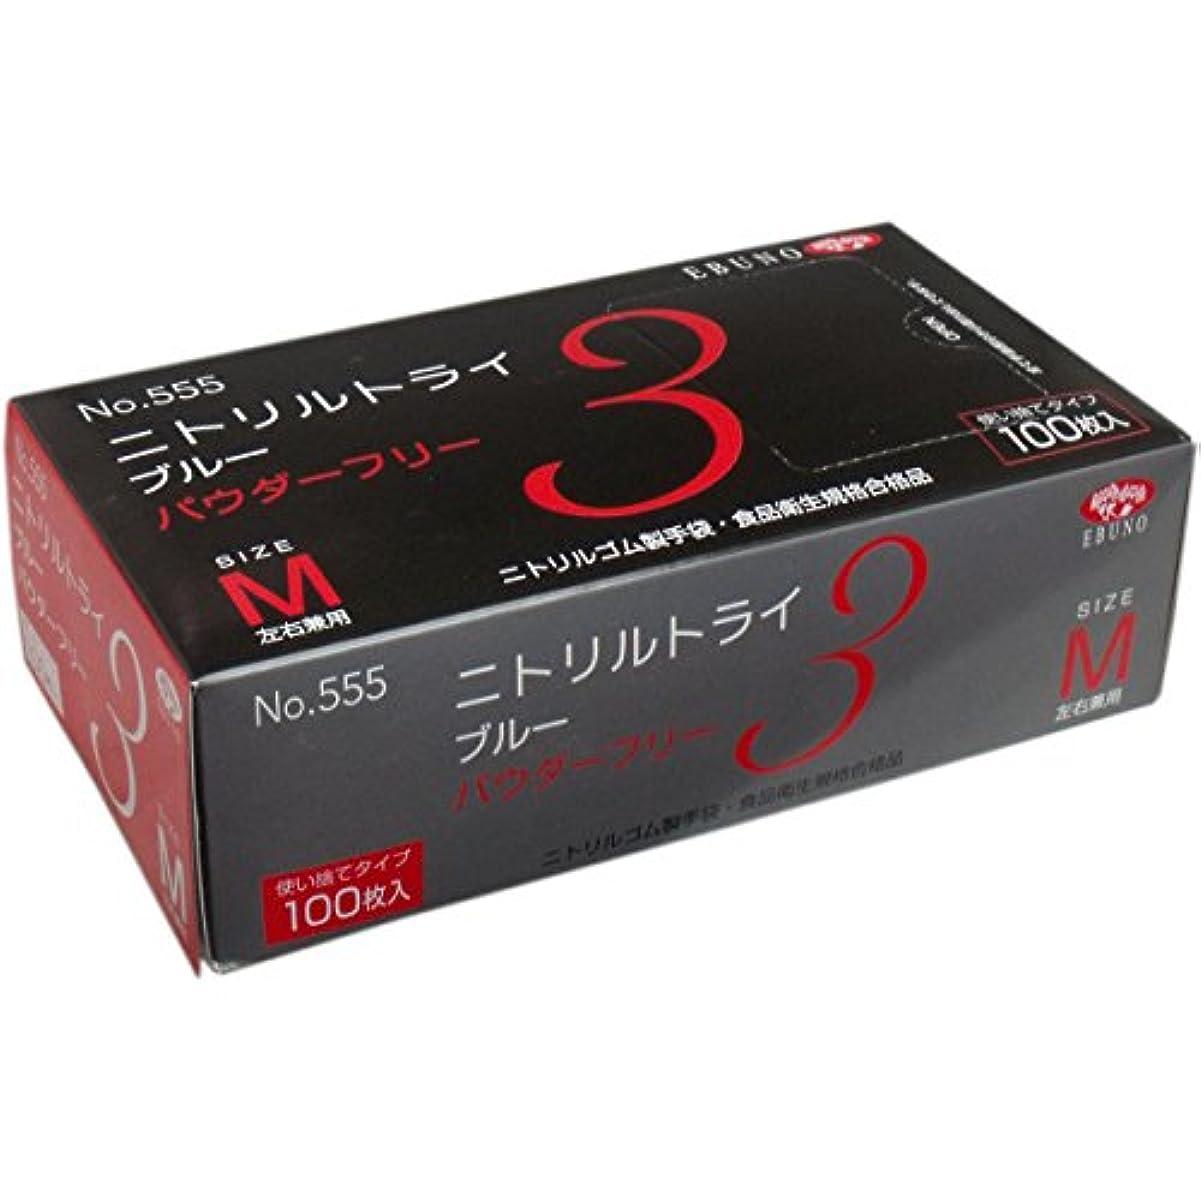 セミナー拡散する女性ニトリルトライ3 手袋 ブルー パウダーフリー Mサイズ 100枚入(単品)